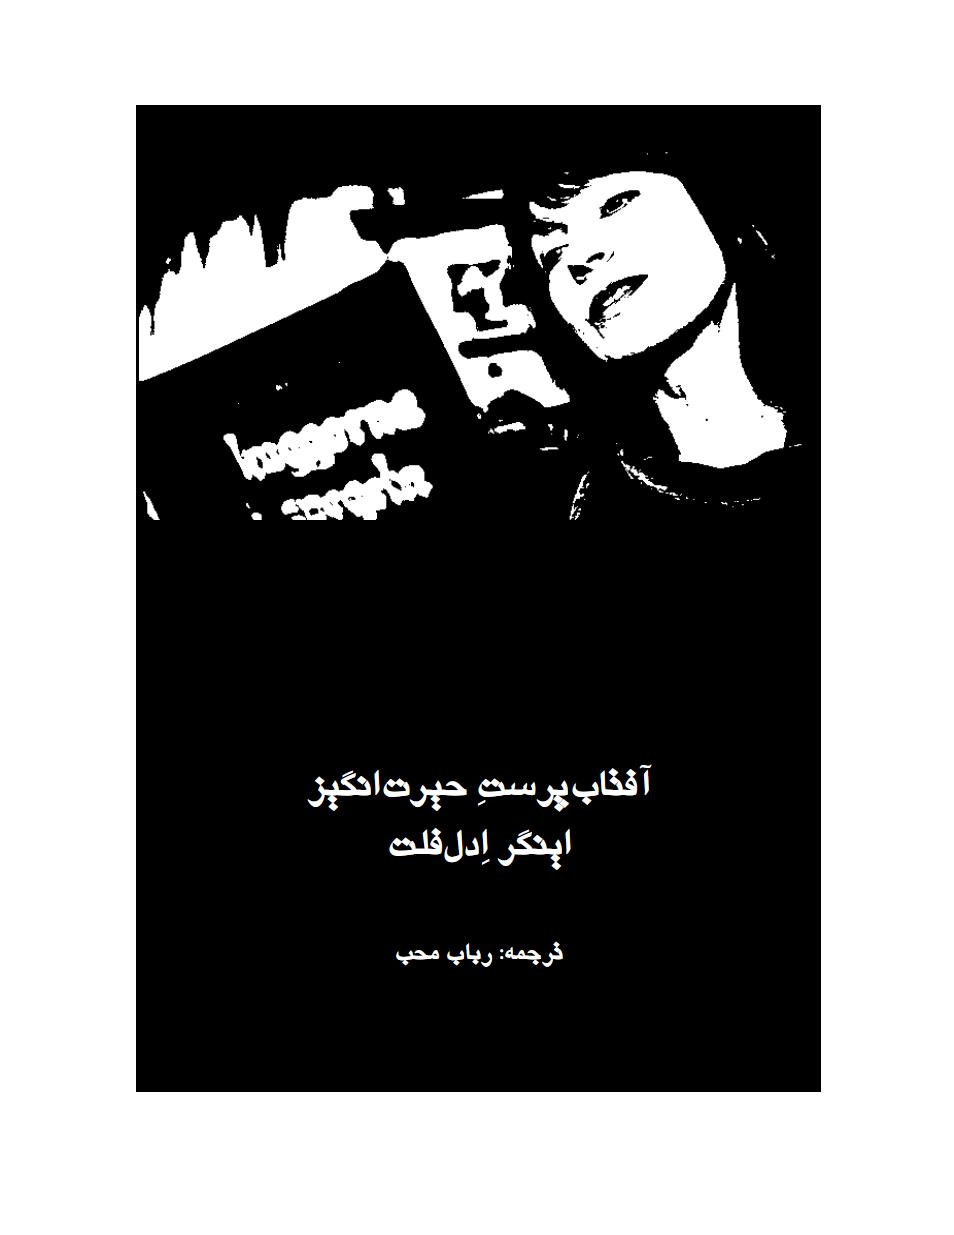 http://www2.asar.name/books/aftaabparast.pdf